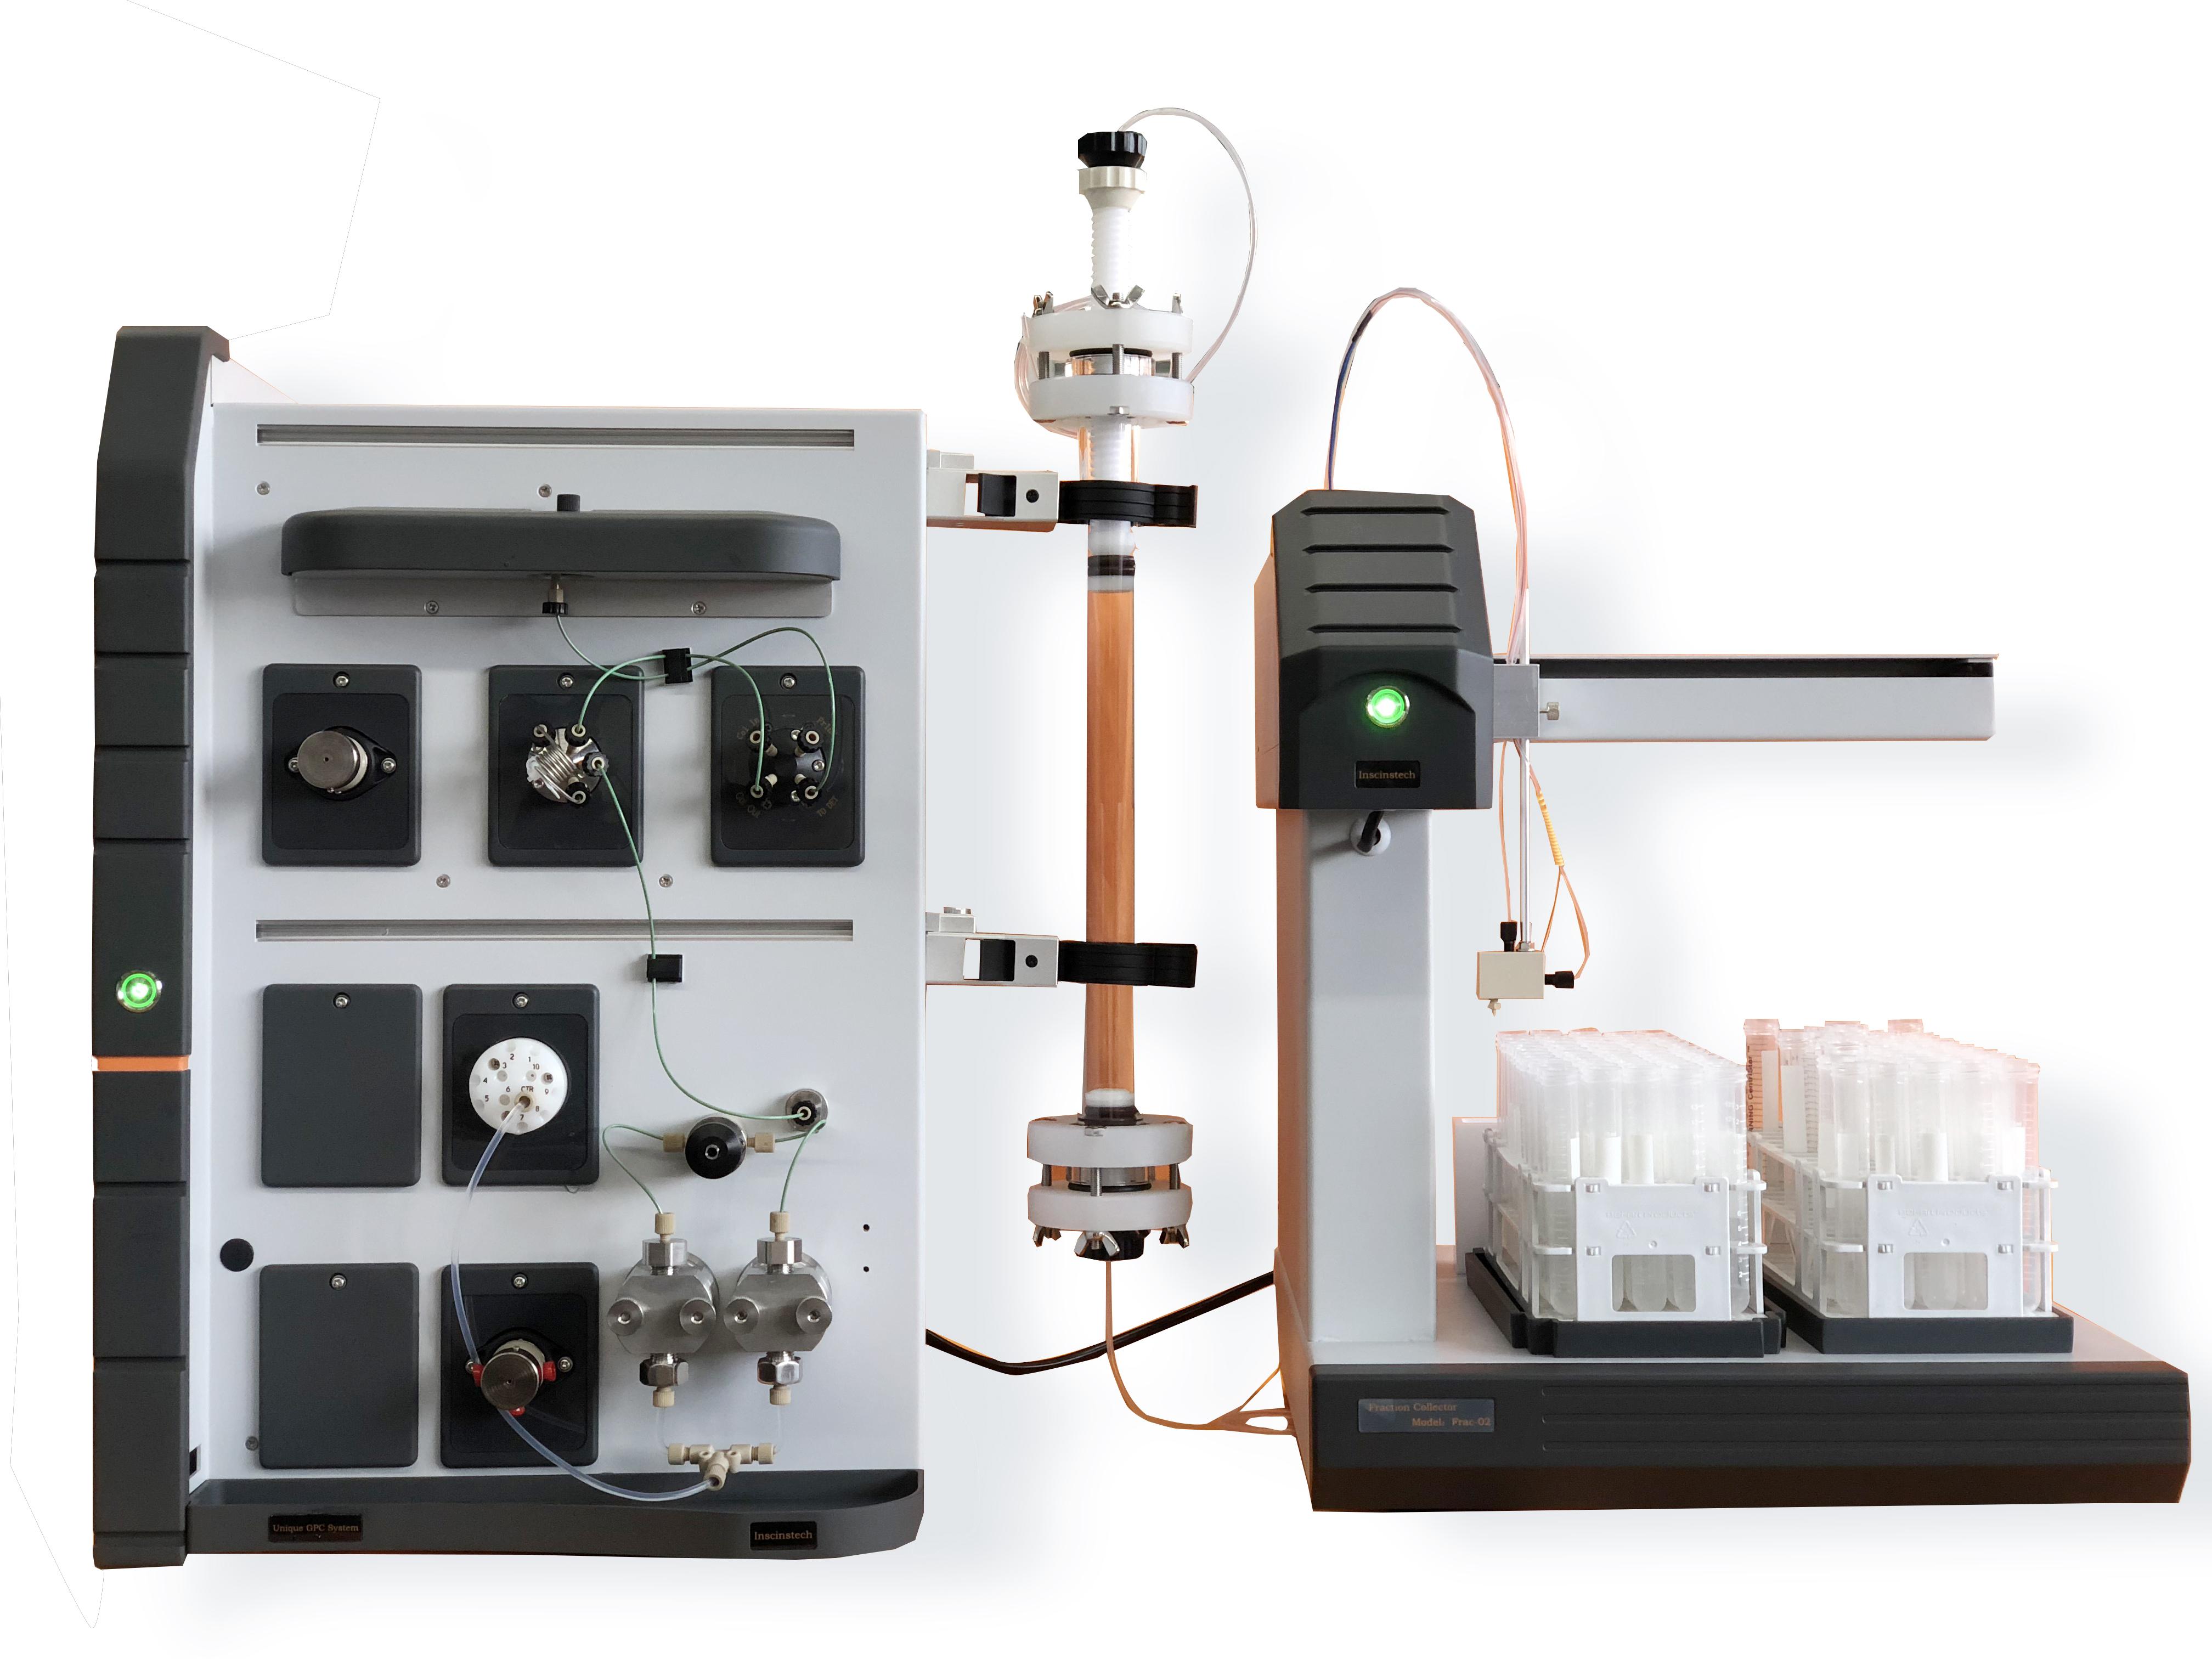 Unique AutoClean凝膠凈化系統